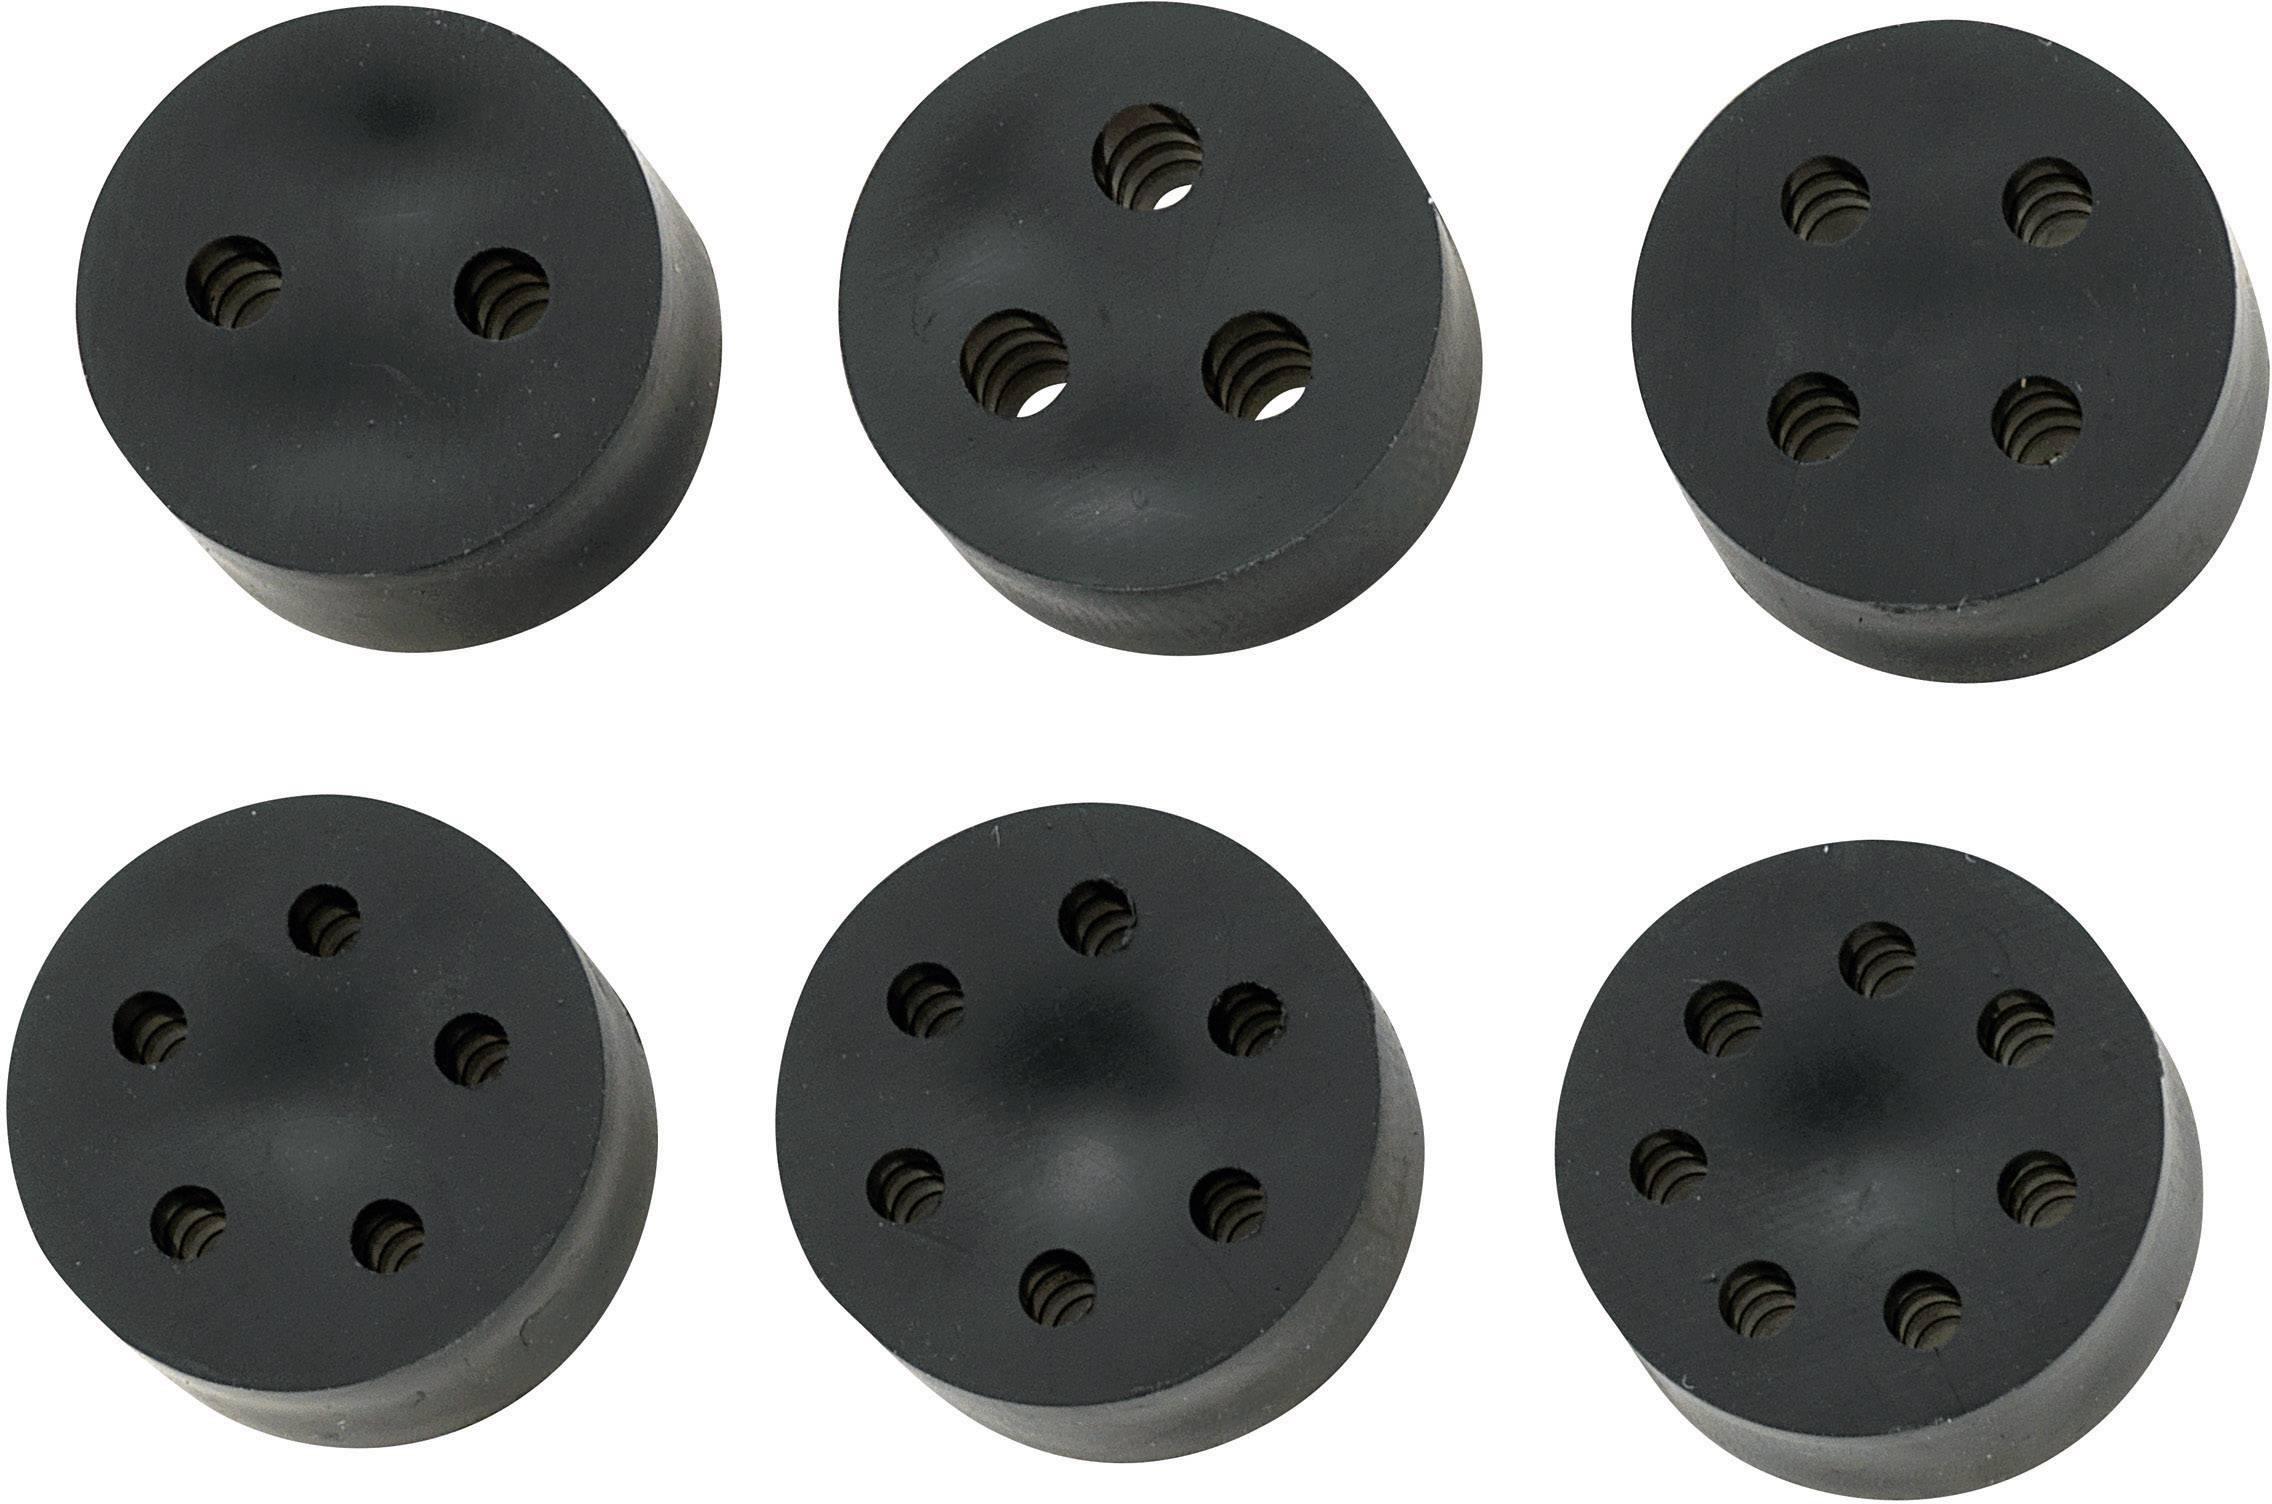 Tesniaca vložka s viacerými priechodmi KSS MH23-4F, PG21, guma, 1 ks